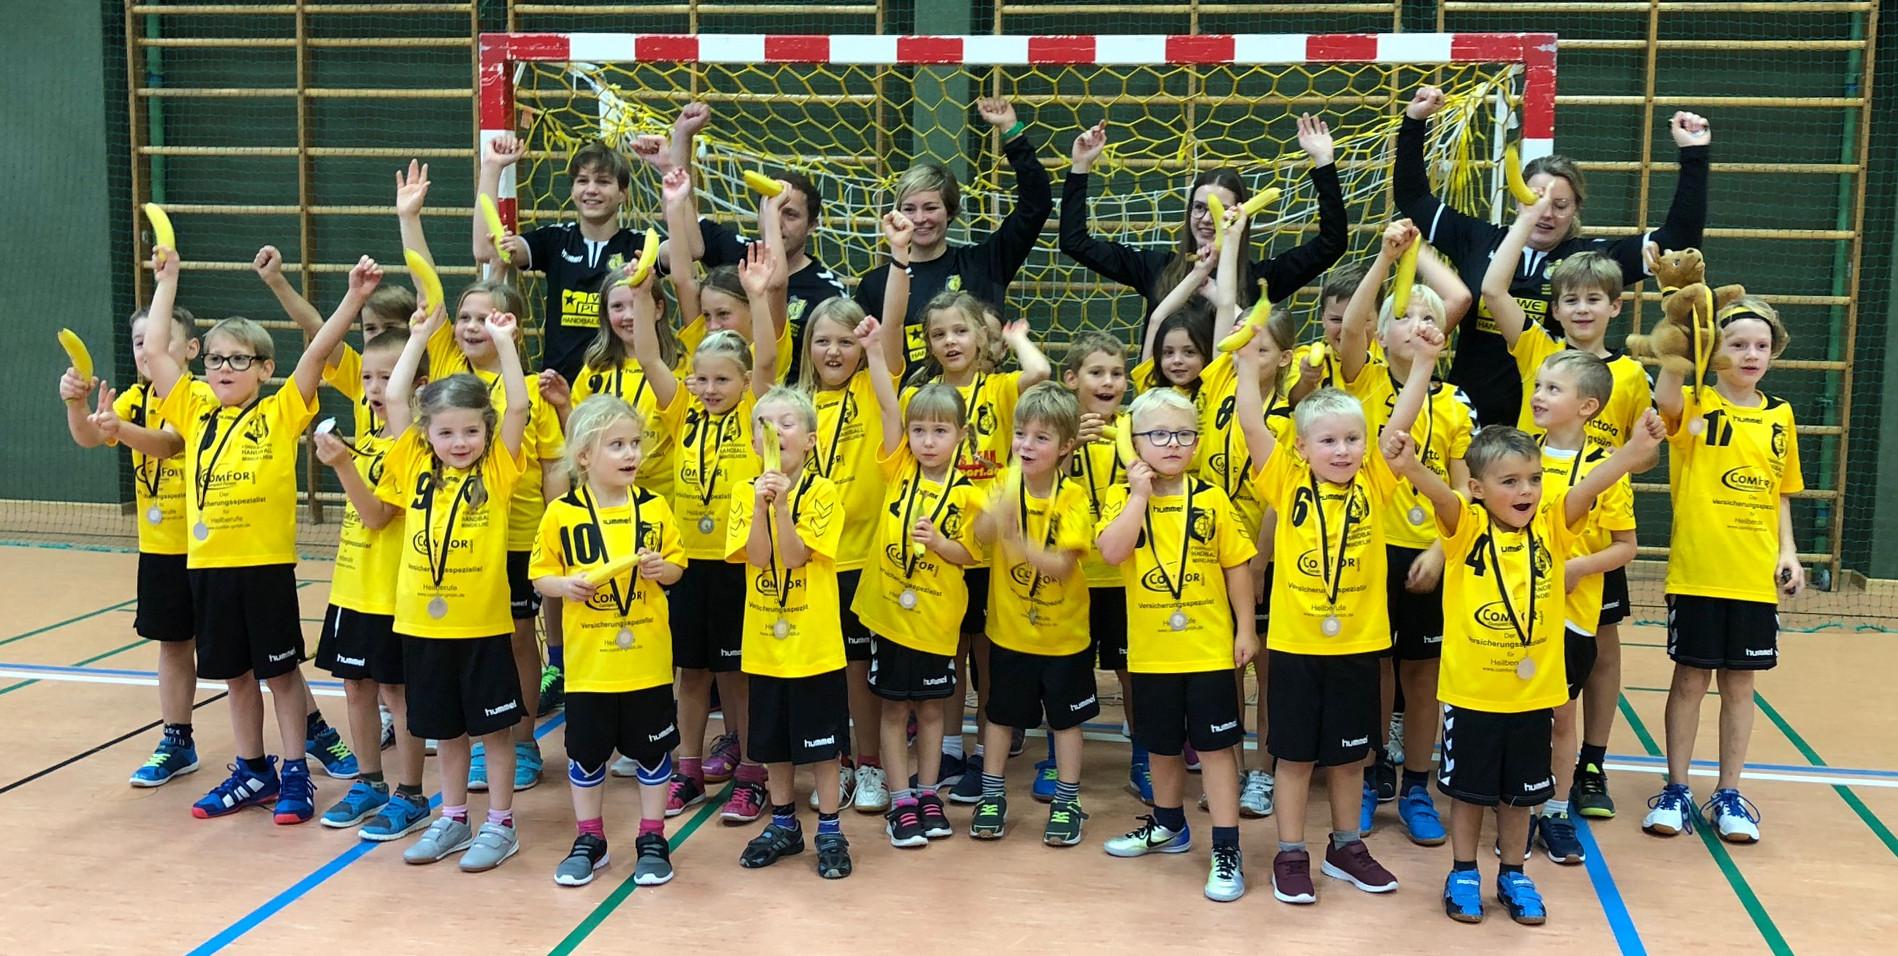 TSV Mindelheim Handball - Minis 2018/19